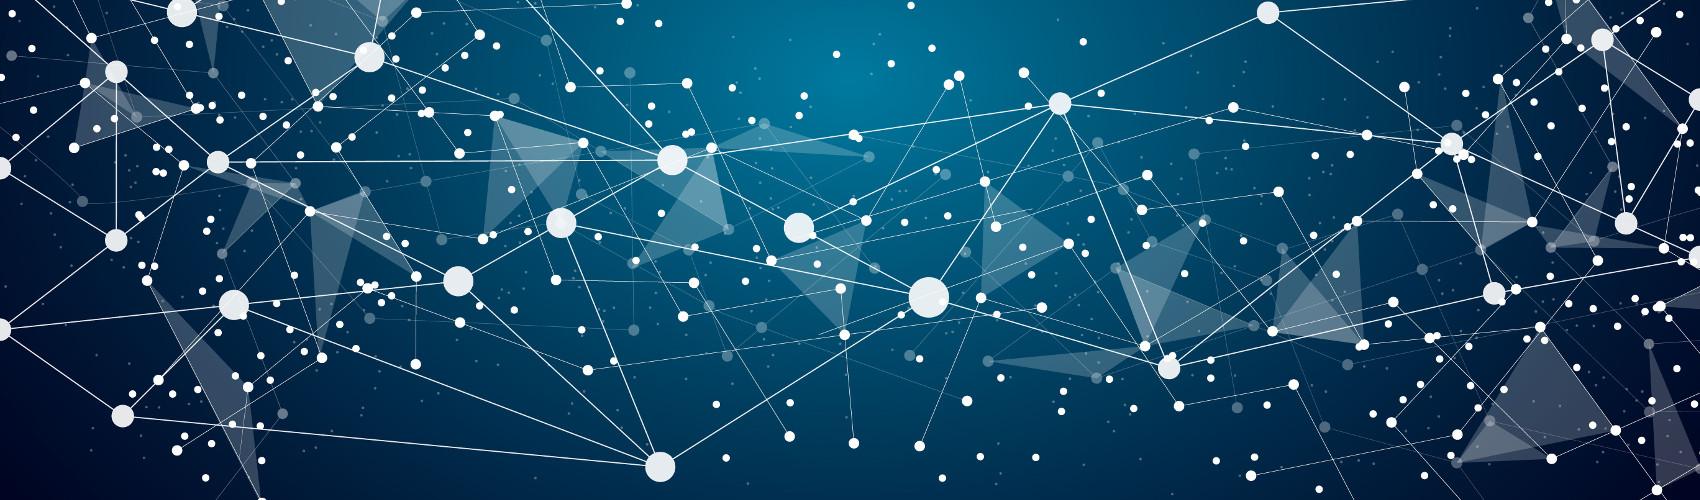 Бесшовный Wi-Fi на основе CAPsMAN и Hotspot с разделением сетей